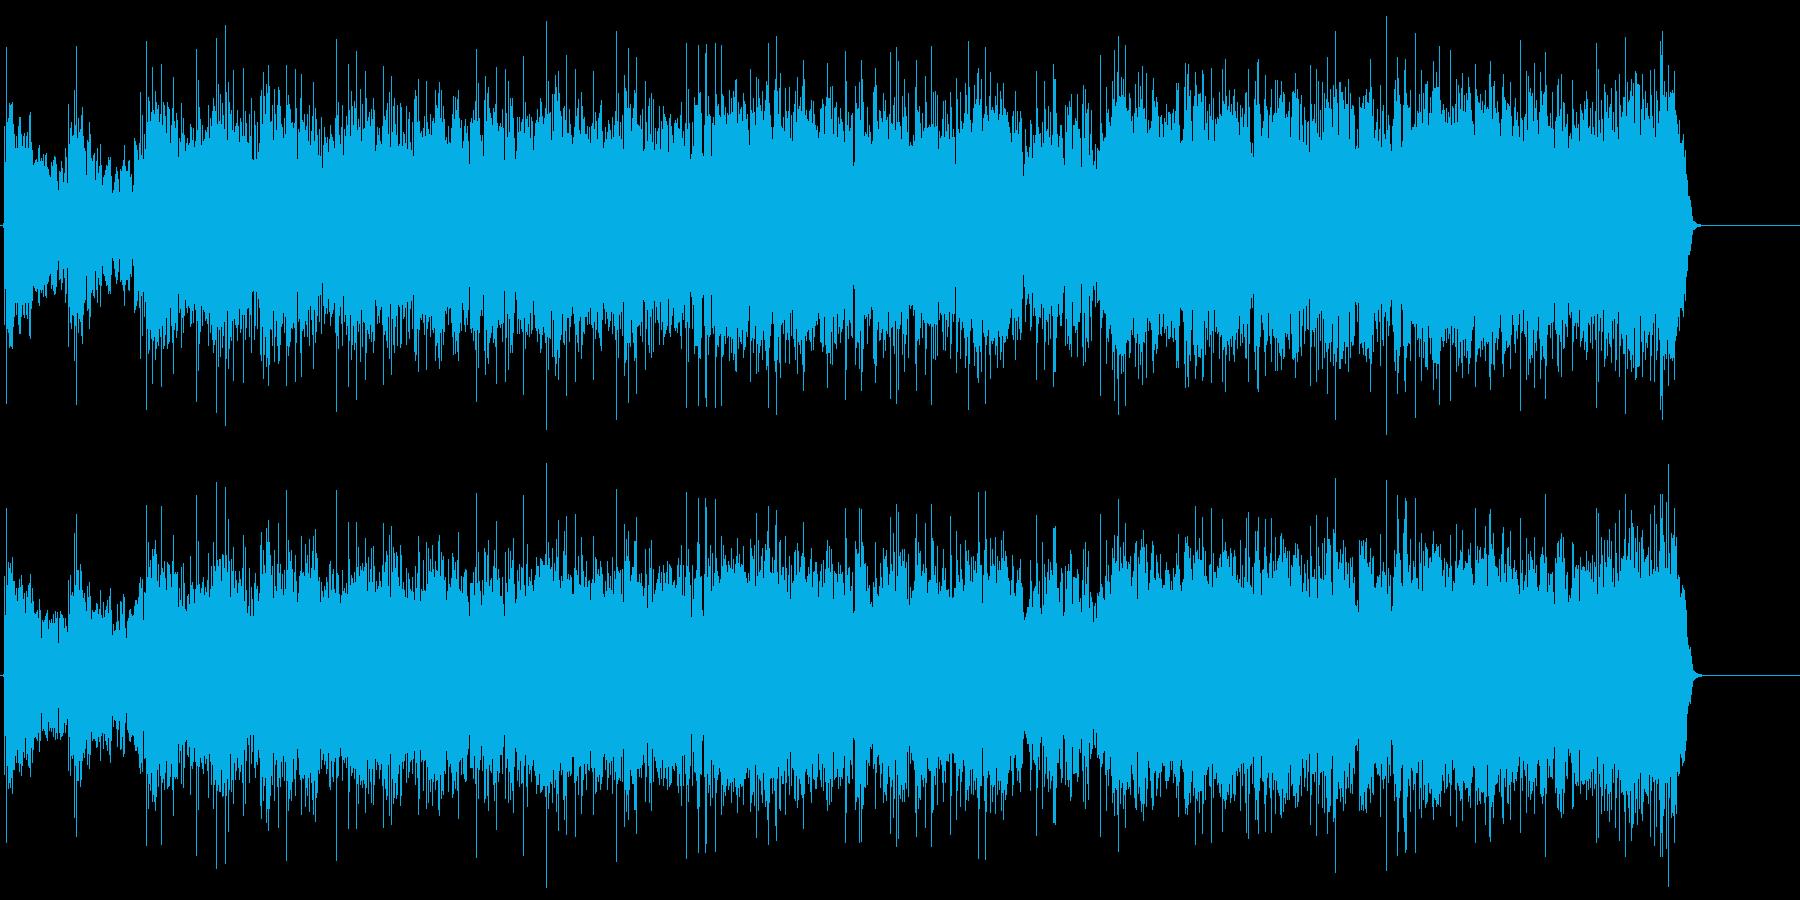 男の哀愁漂うマイナー・ジャズ・ロックの再生済みの波形